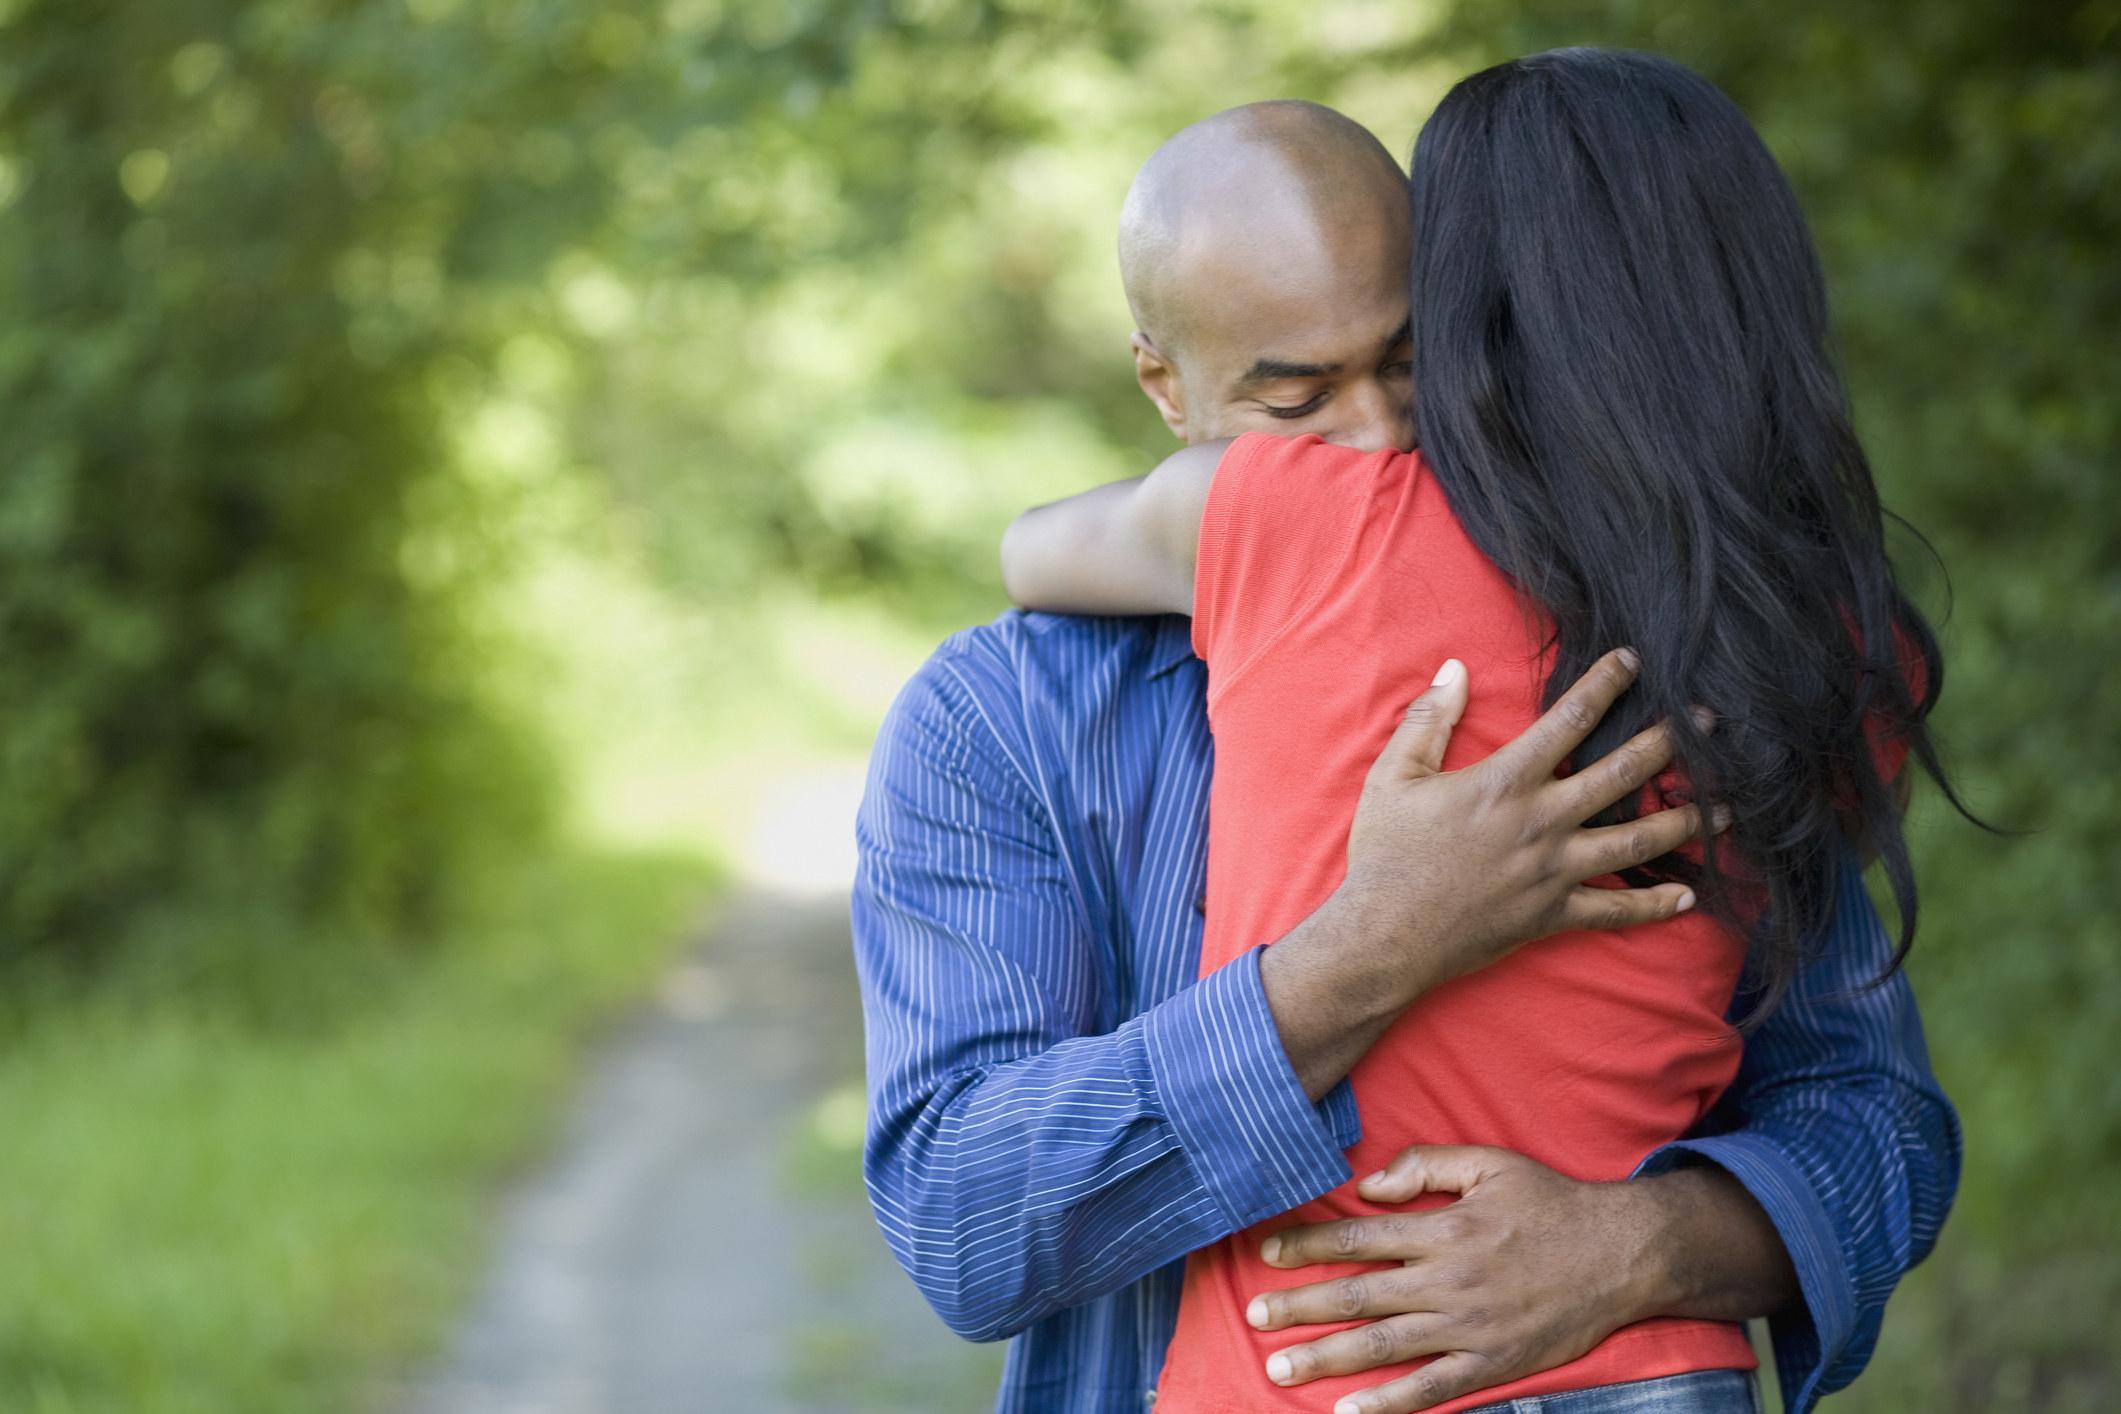 a girlfriend consoling her boyfriend